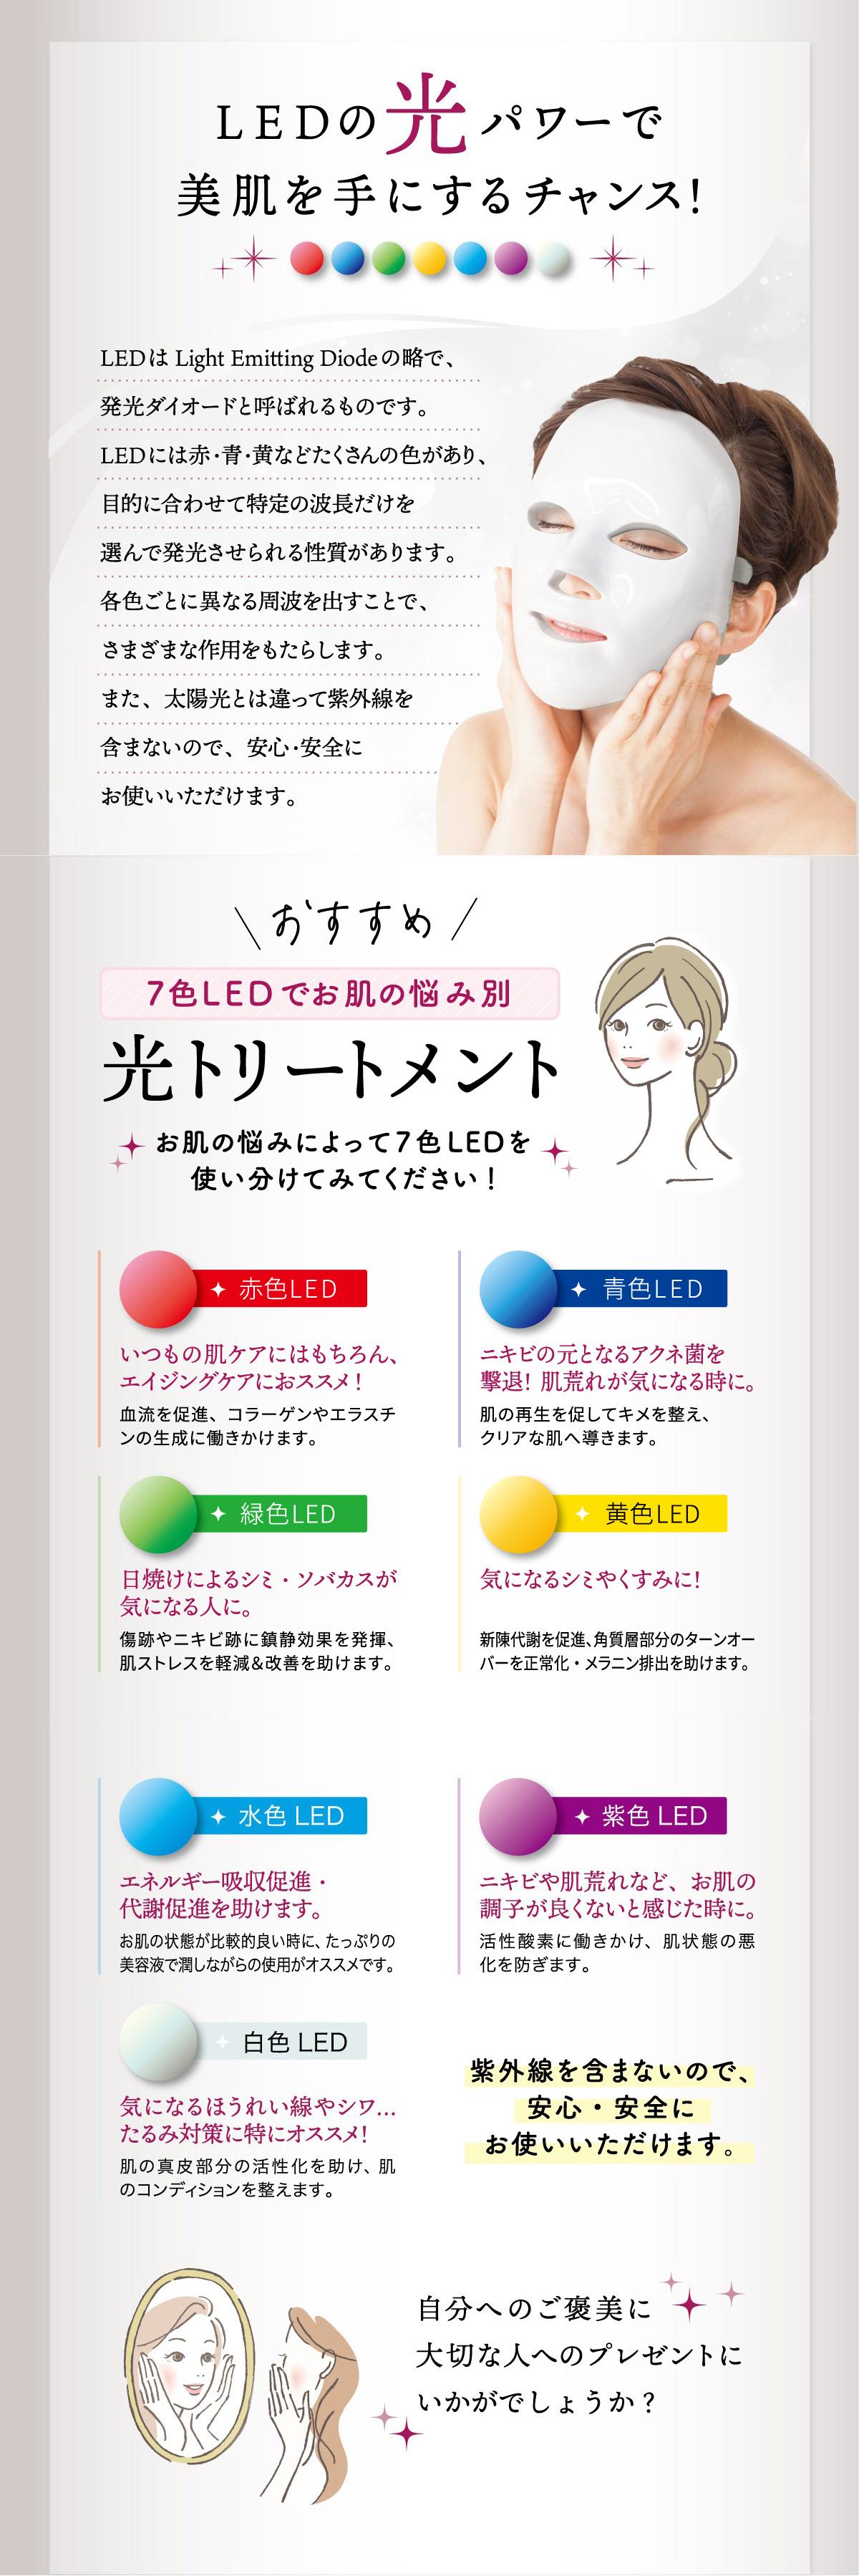 7色LED美容マスク商品画像gold1